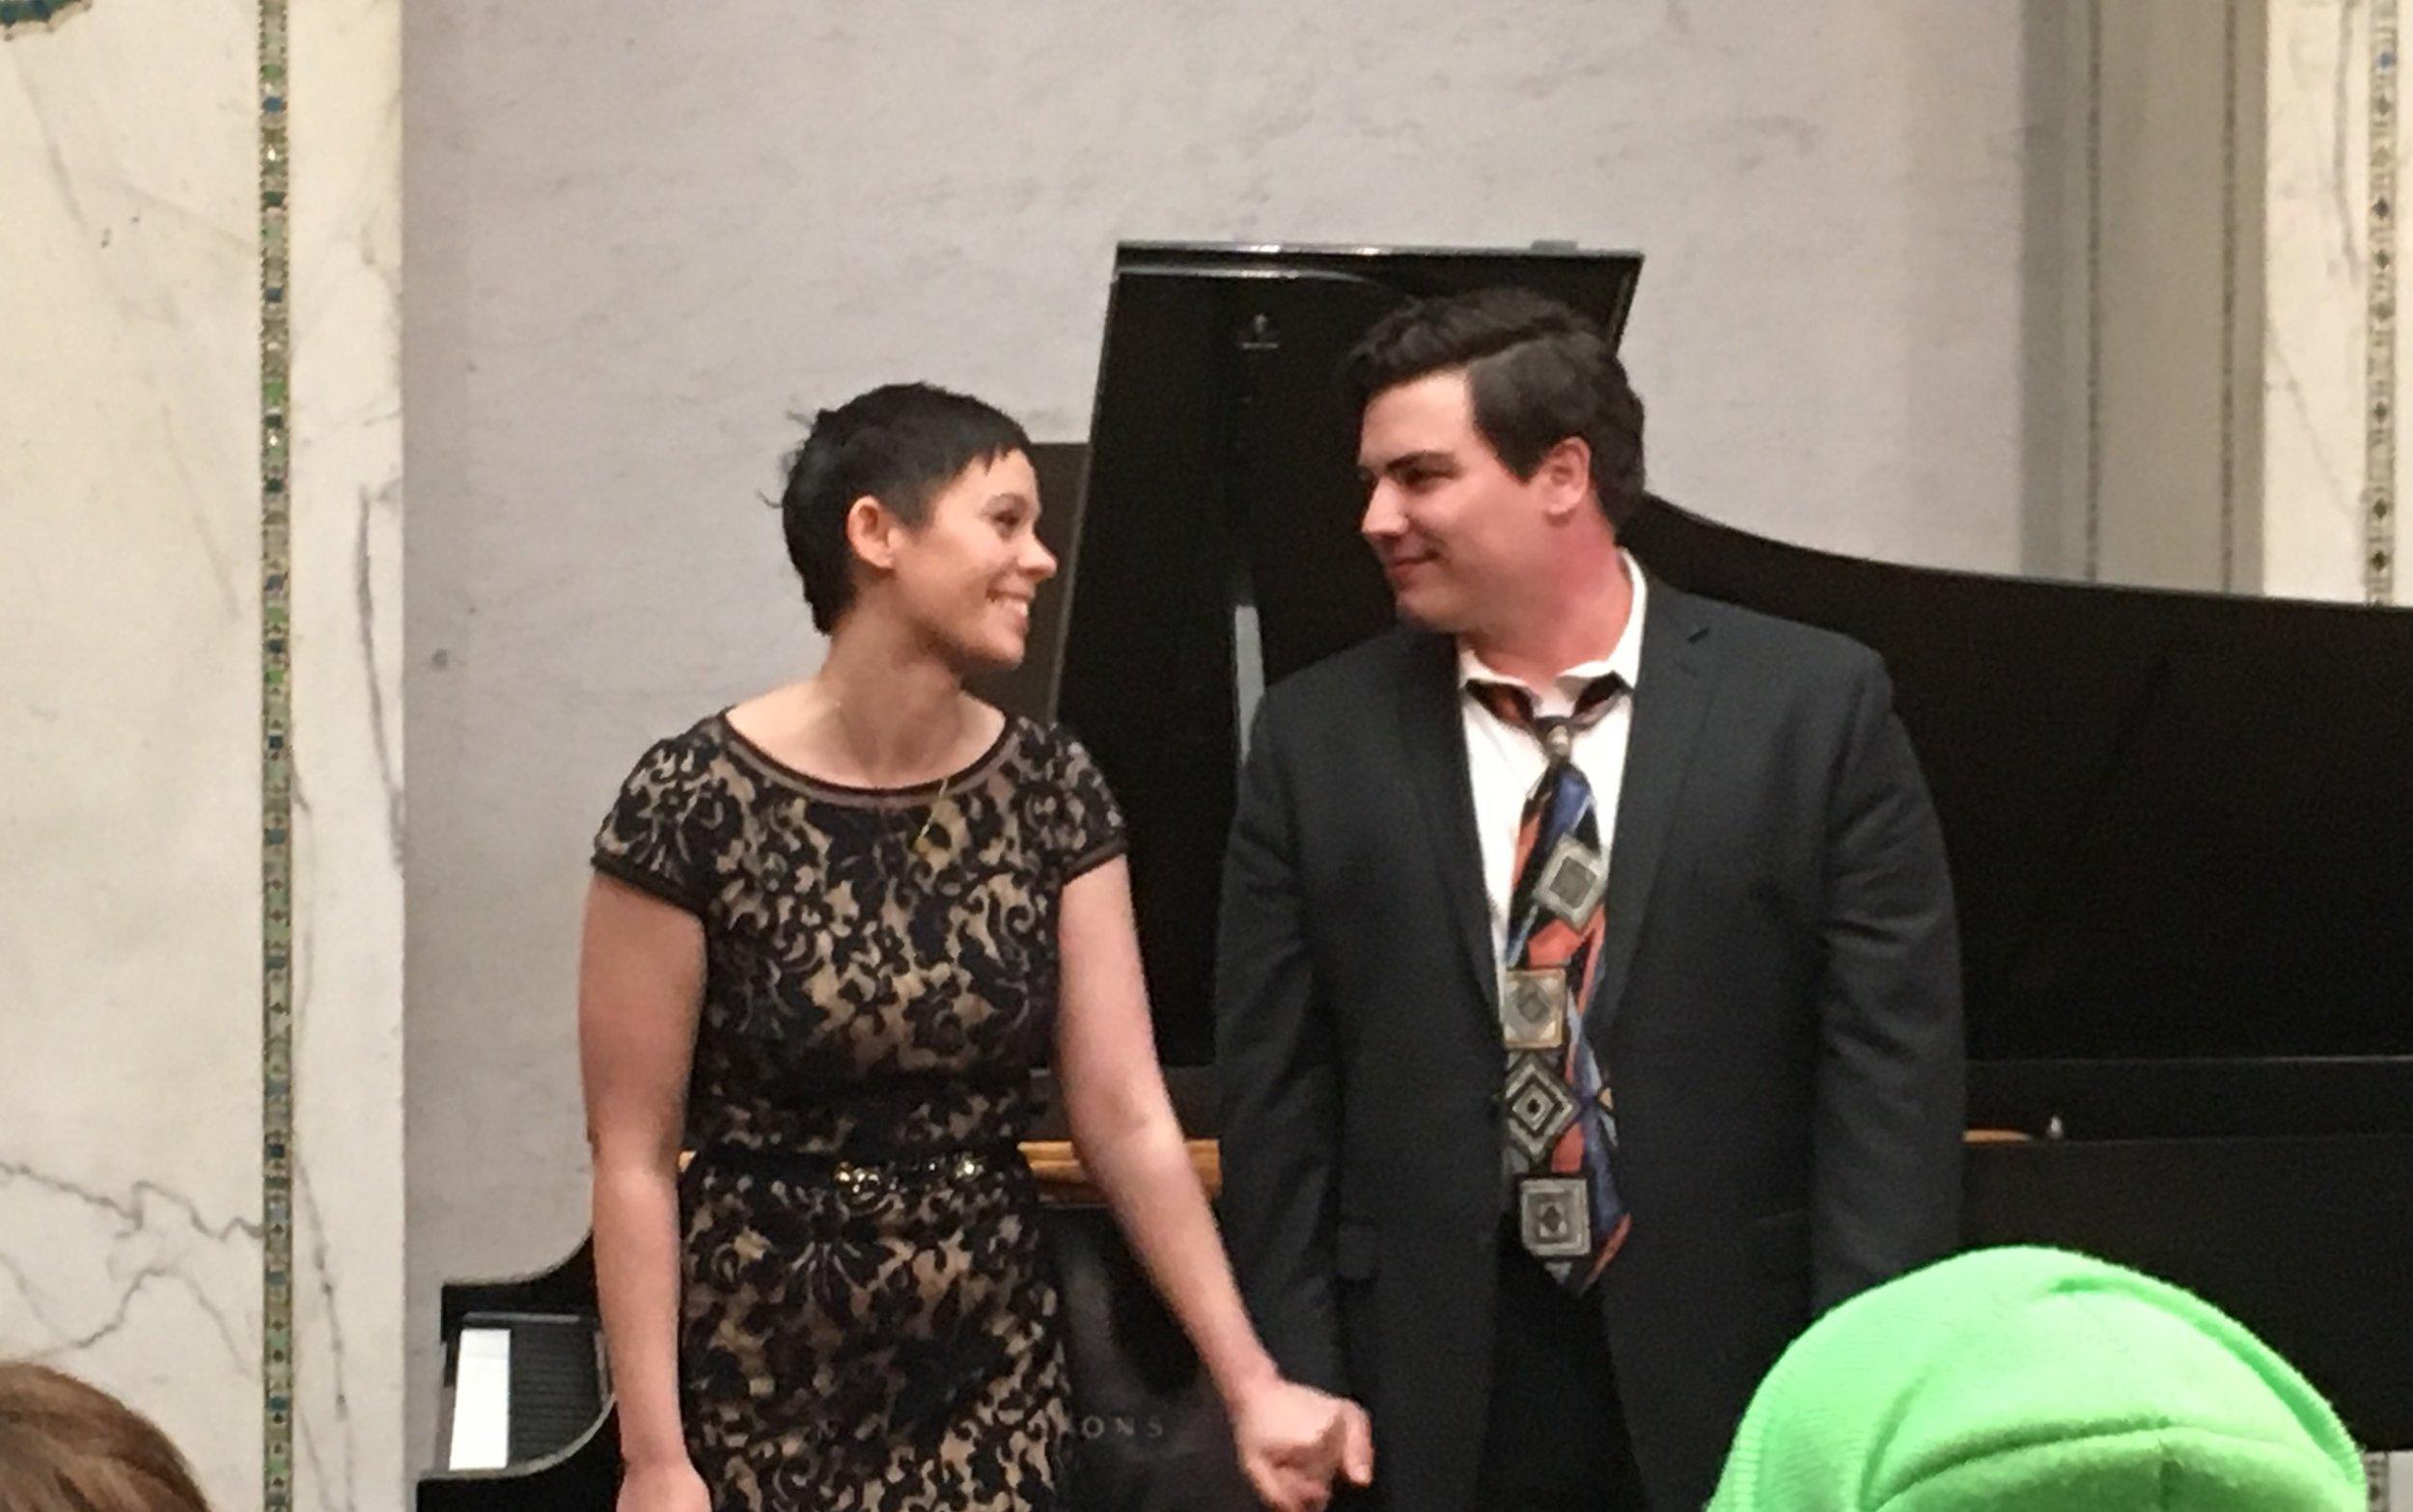 Madeline Slettedahl and Eric Ferring